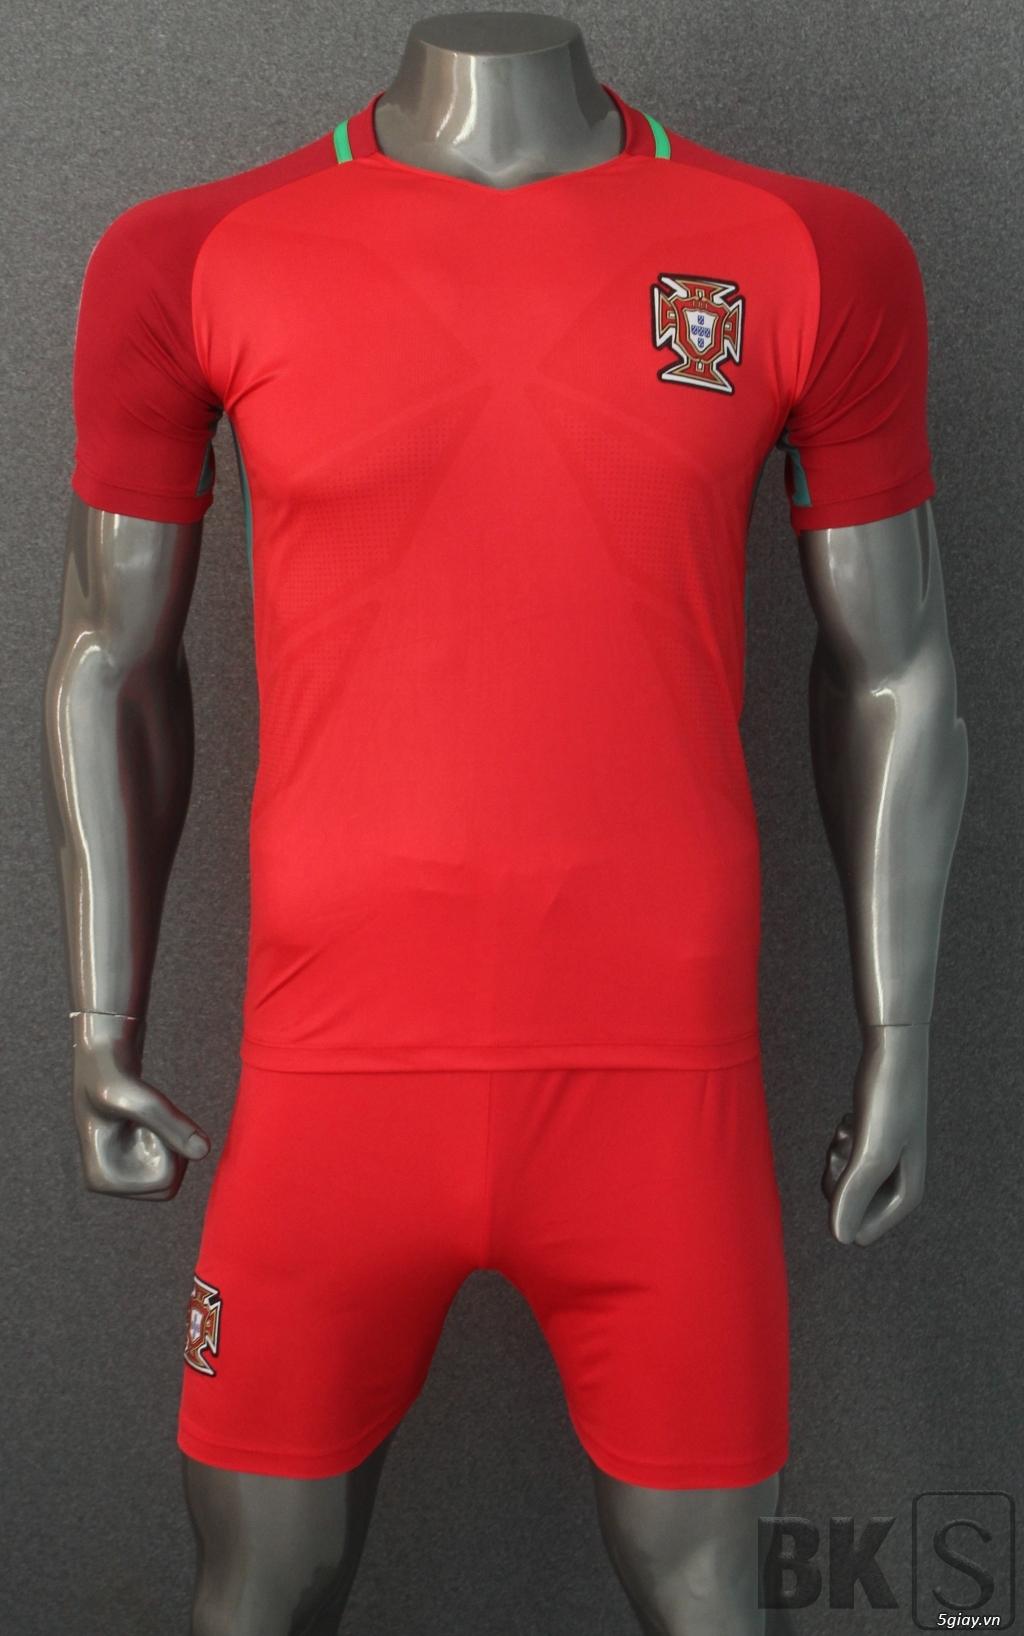 Áo bóng đá HP-địa chỉ gốc sản xuất trang phục thể thao số 1 Việt Nam - 24